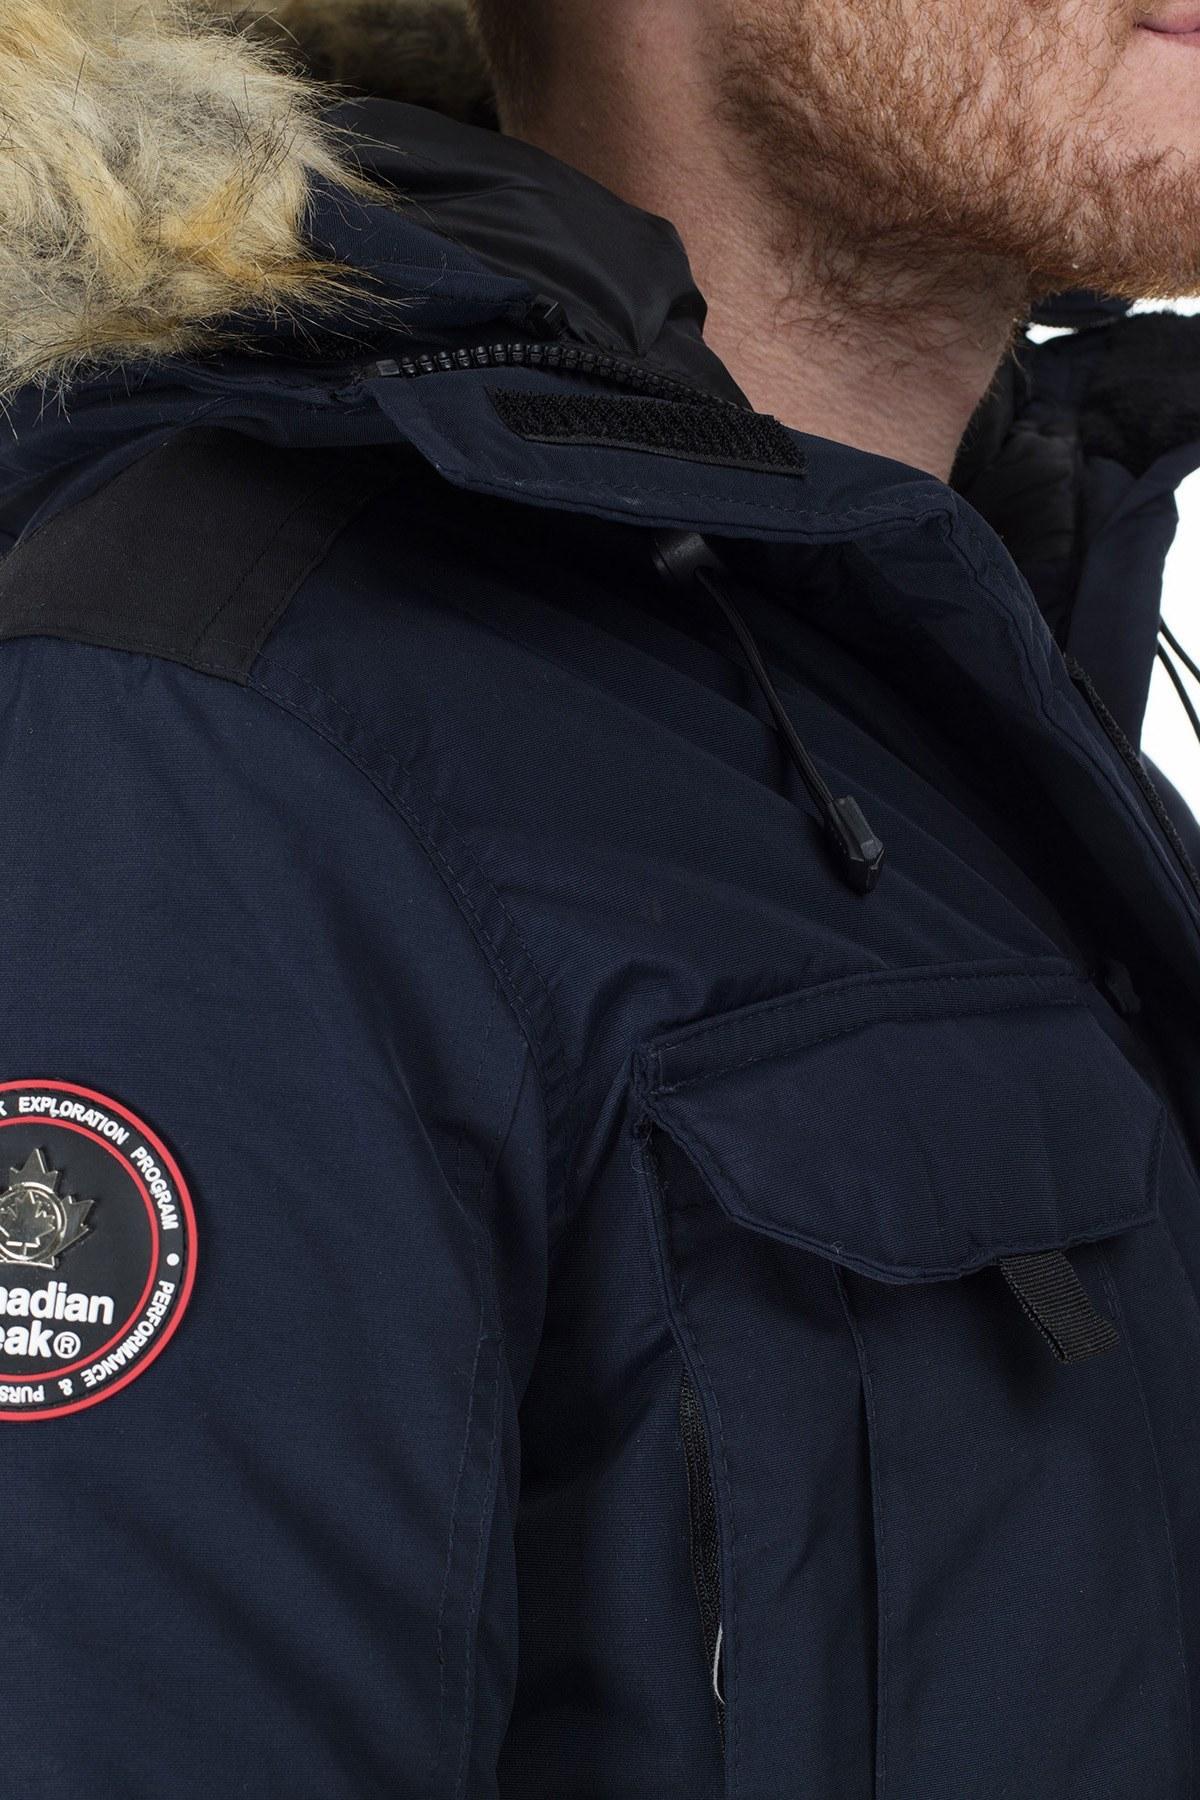 Canadian Peak Outdoor Erkek Parka ALGOS LACİVERT